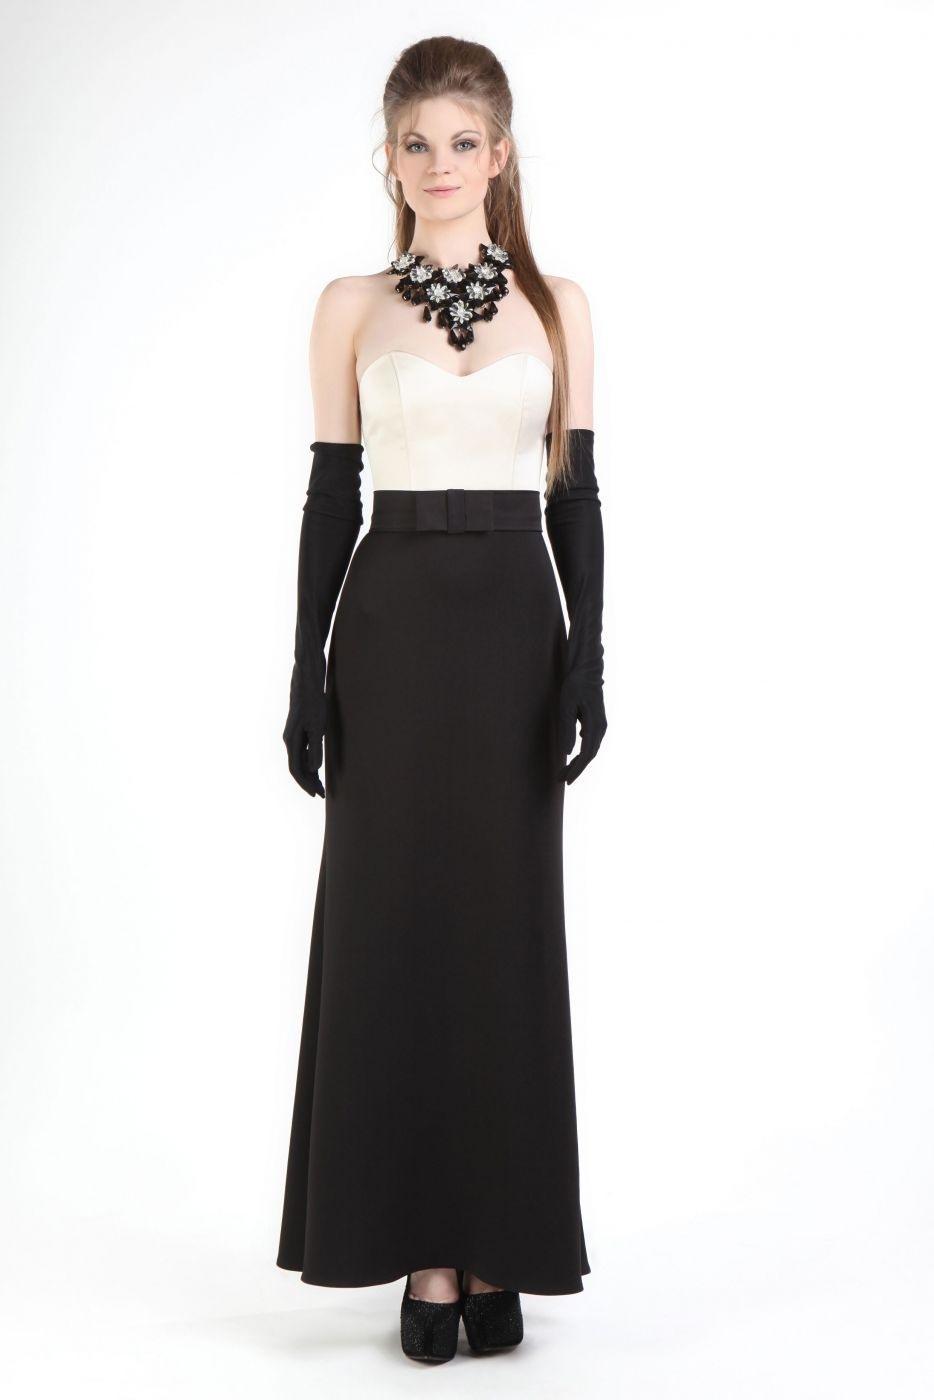 13 Genial Abendkleid Schwarz Weiß Vertrieb Schön Abendkleid Schwarz Weiß Ärmel